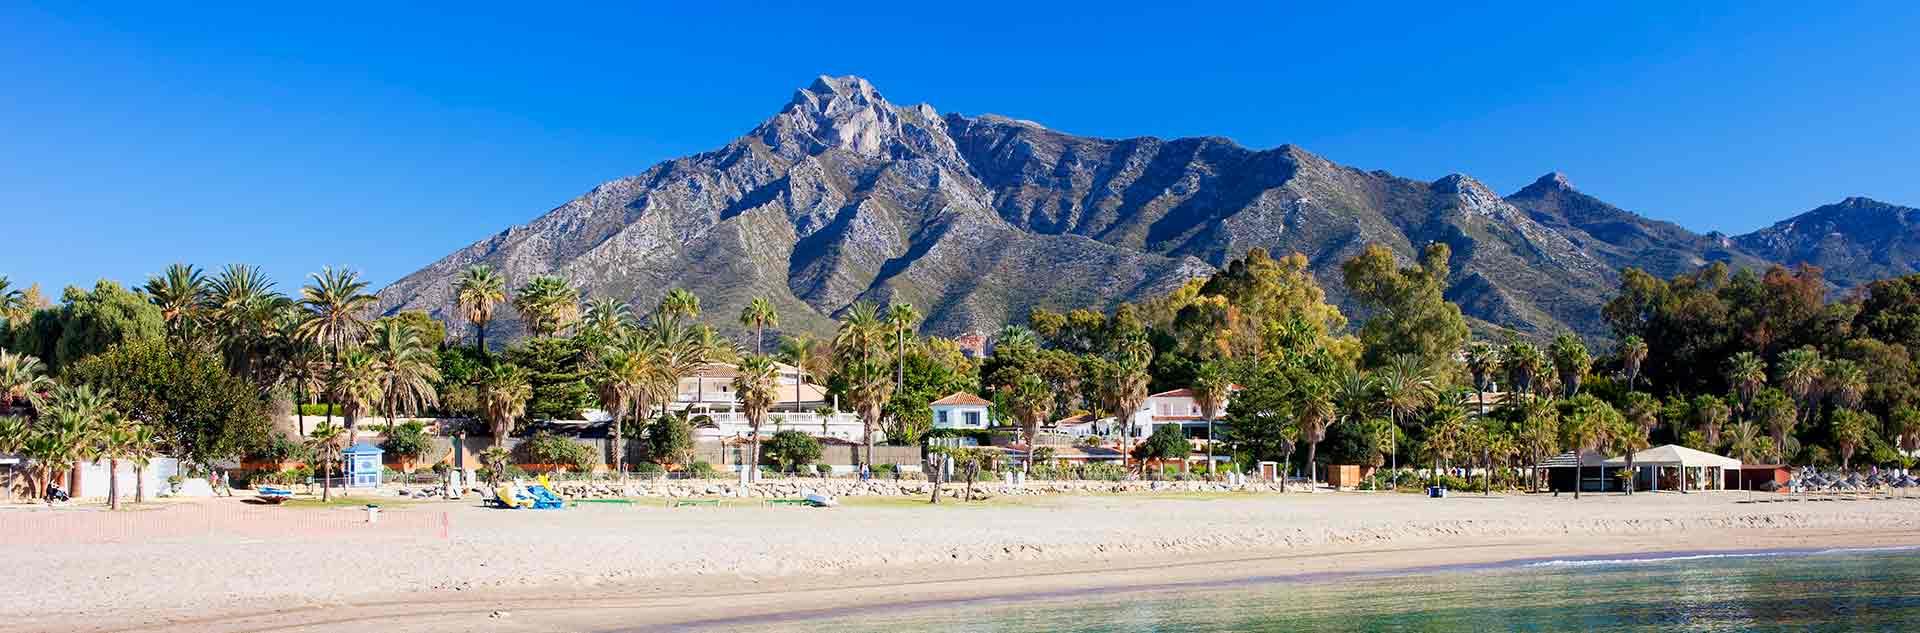 Paiseje de Marbella ciudad de vacaciones junto al mar